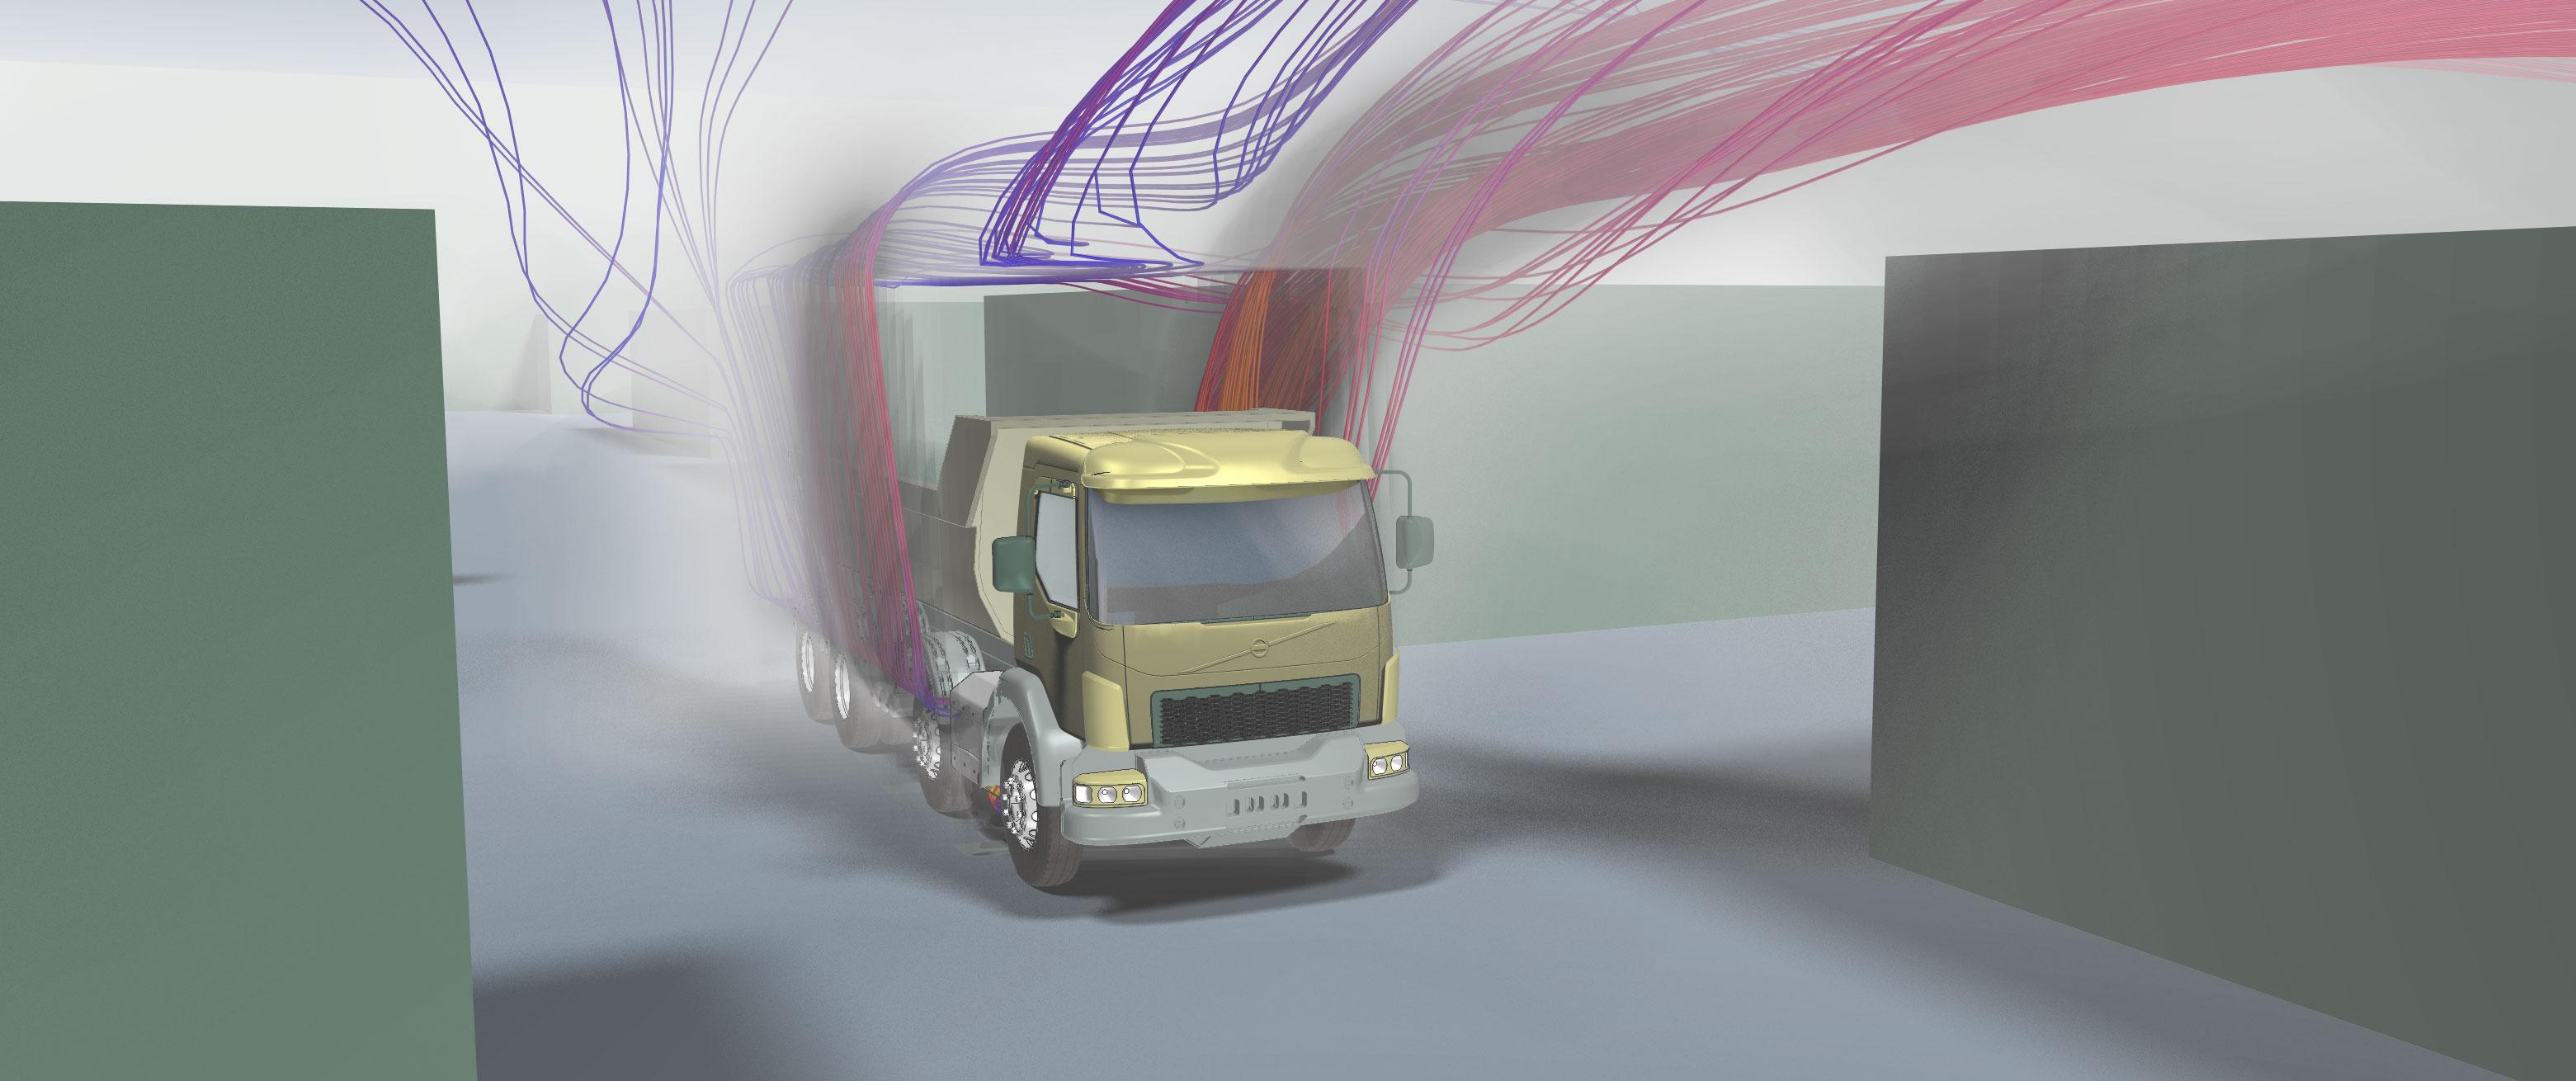 Strömungssimulation der Schadstoffverteilung in der Lagerhalle bei LKW-Durchfahrt